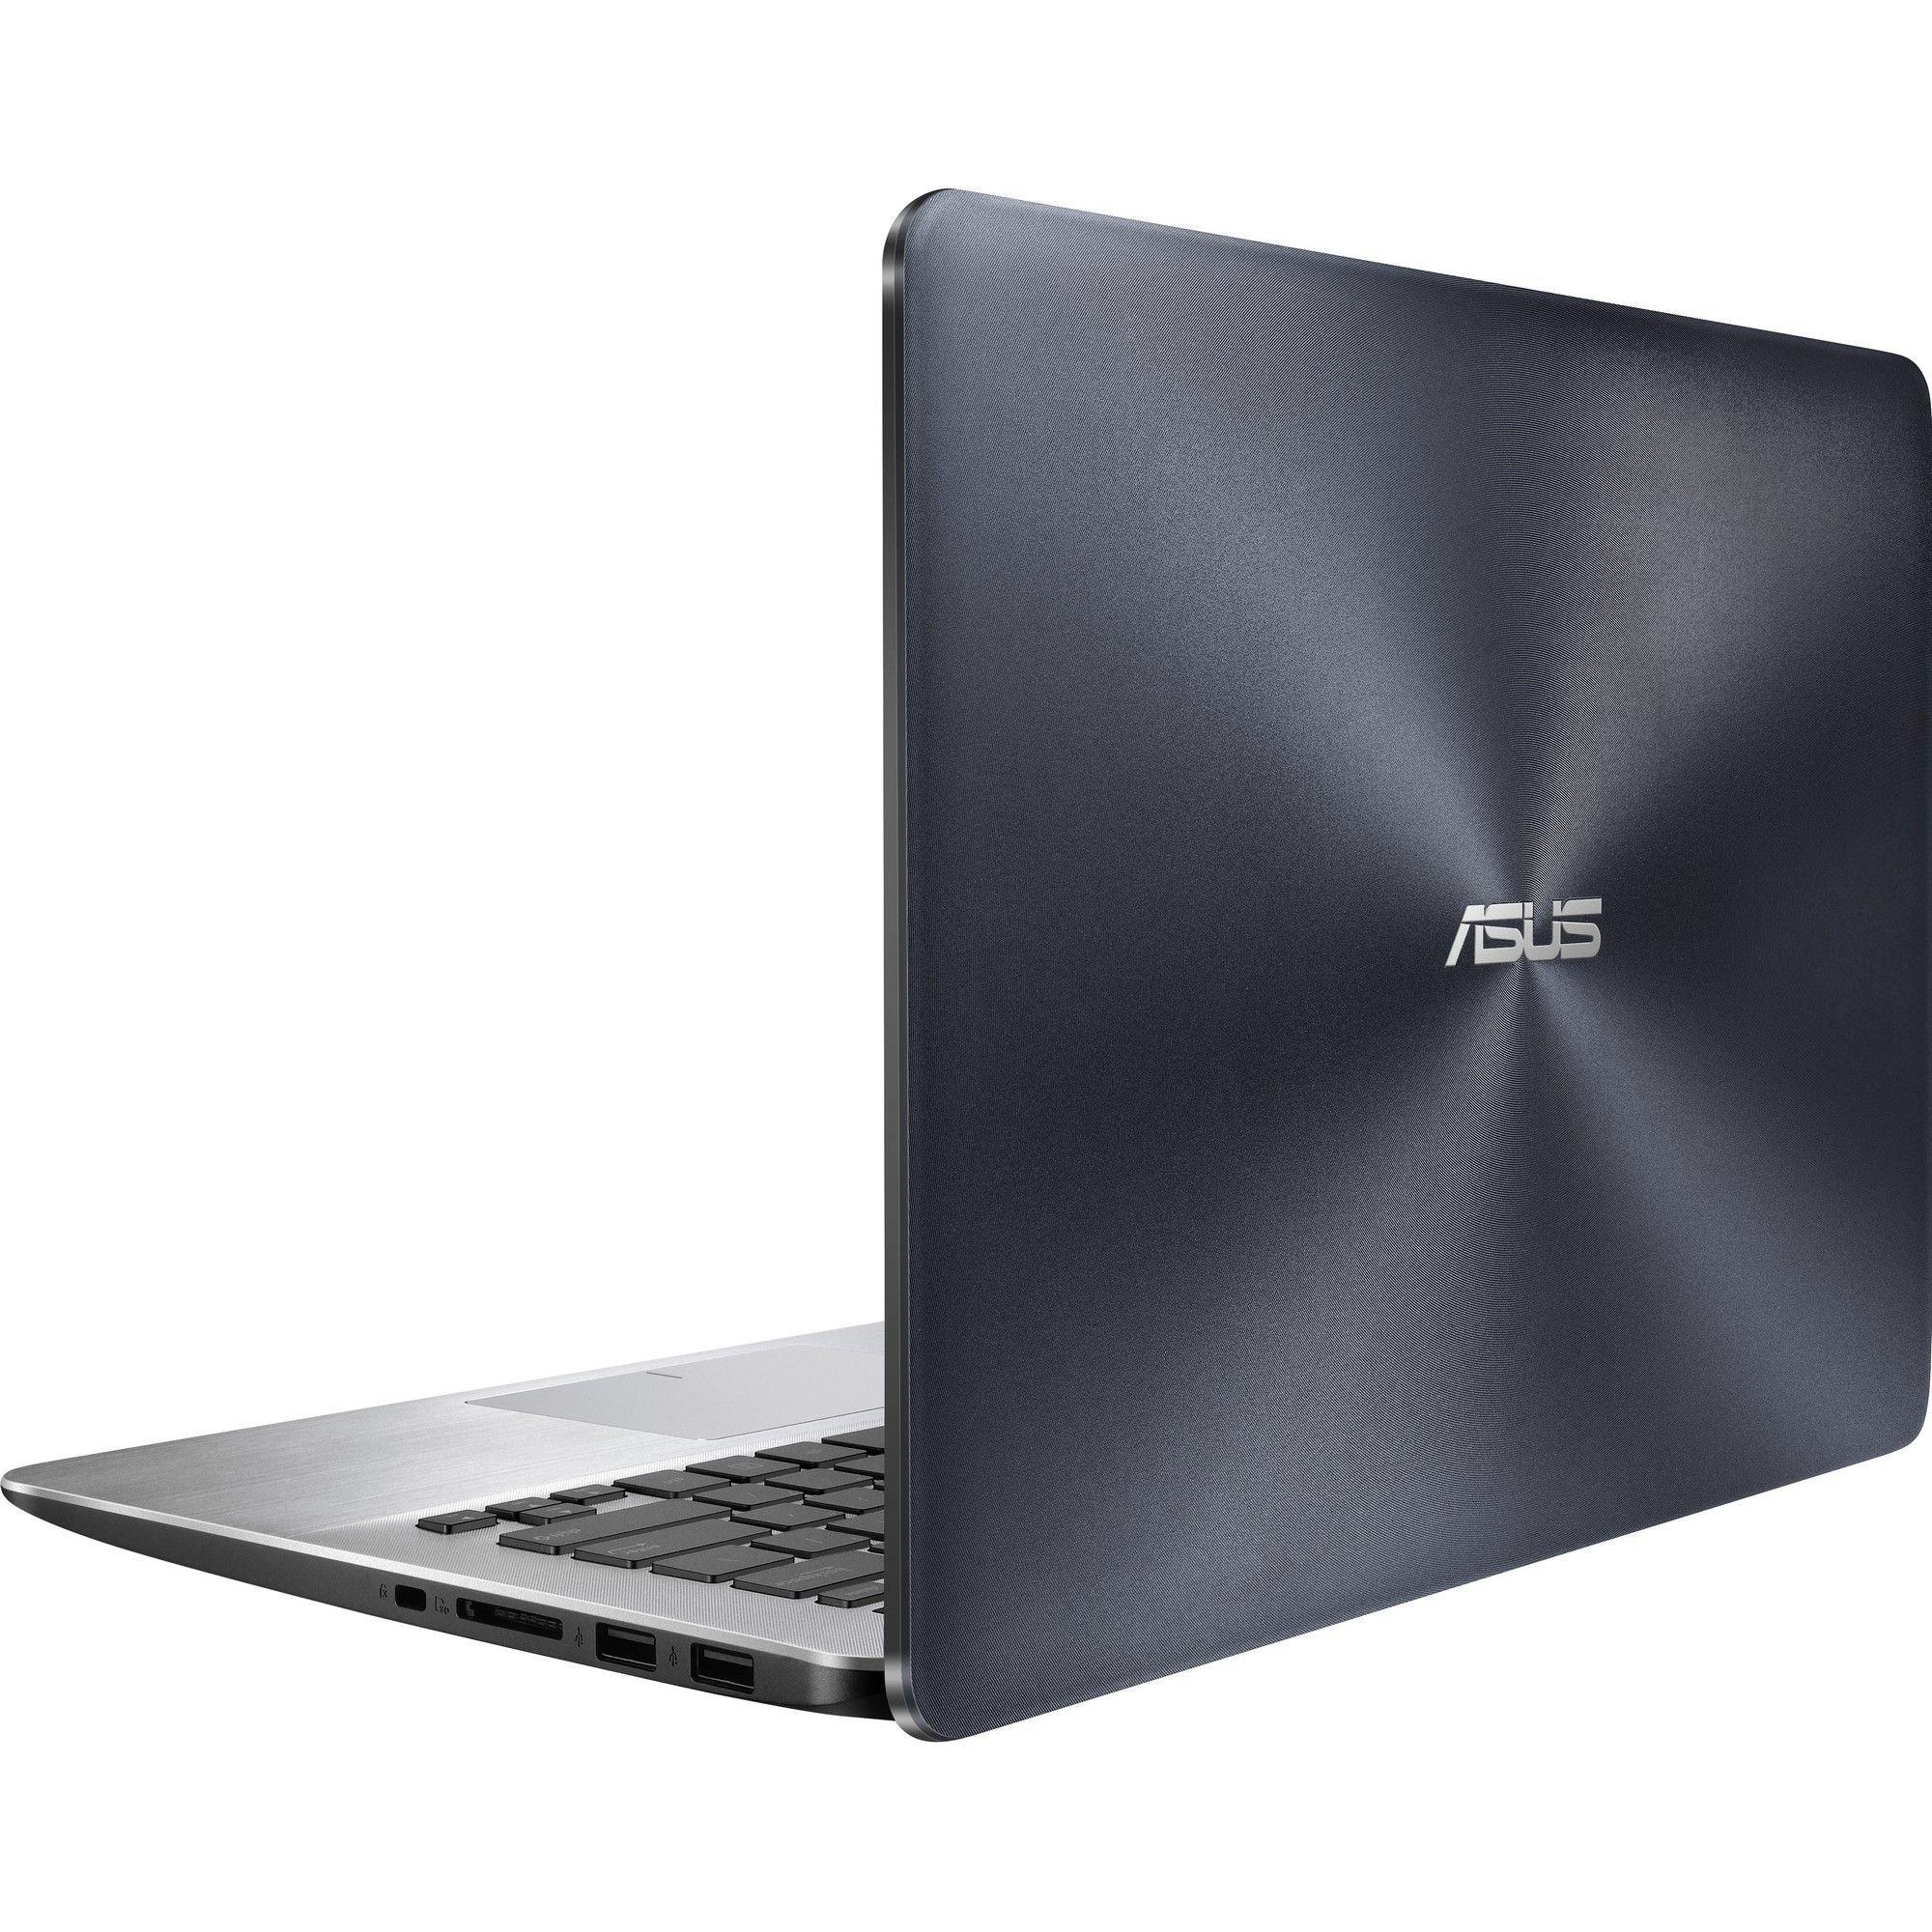 Тонкие ноутбуки: купить, сравнить цены, характеристики - в ...